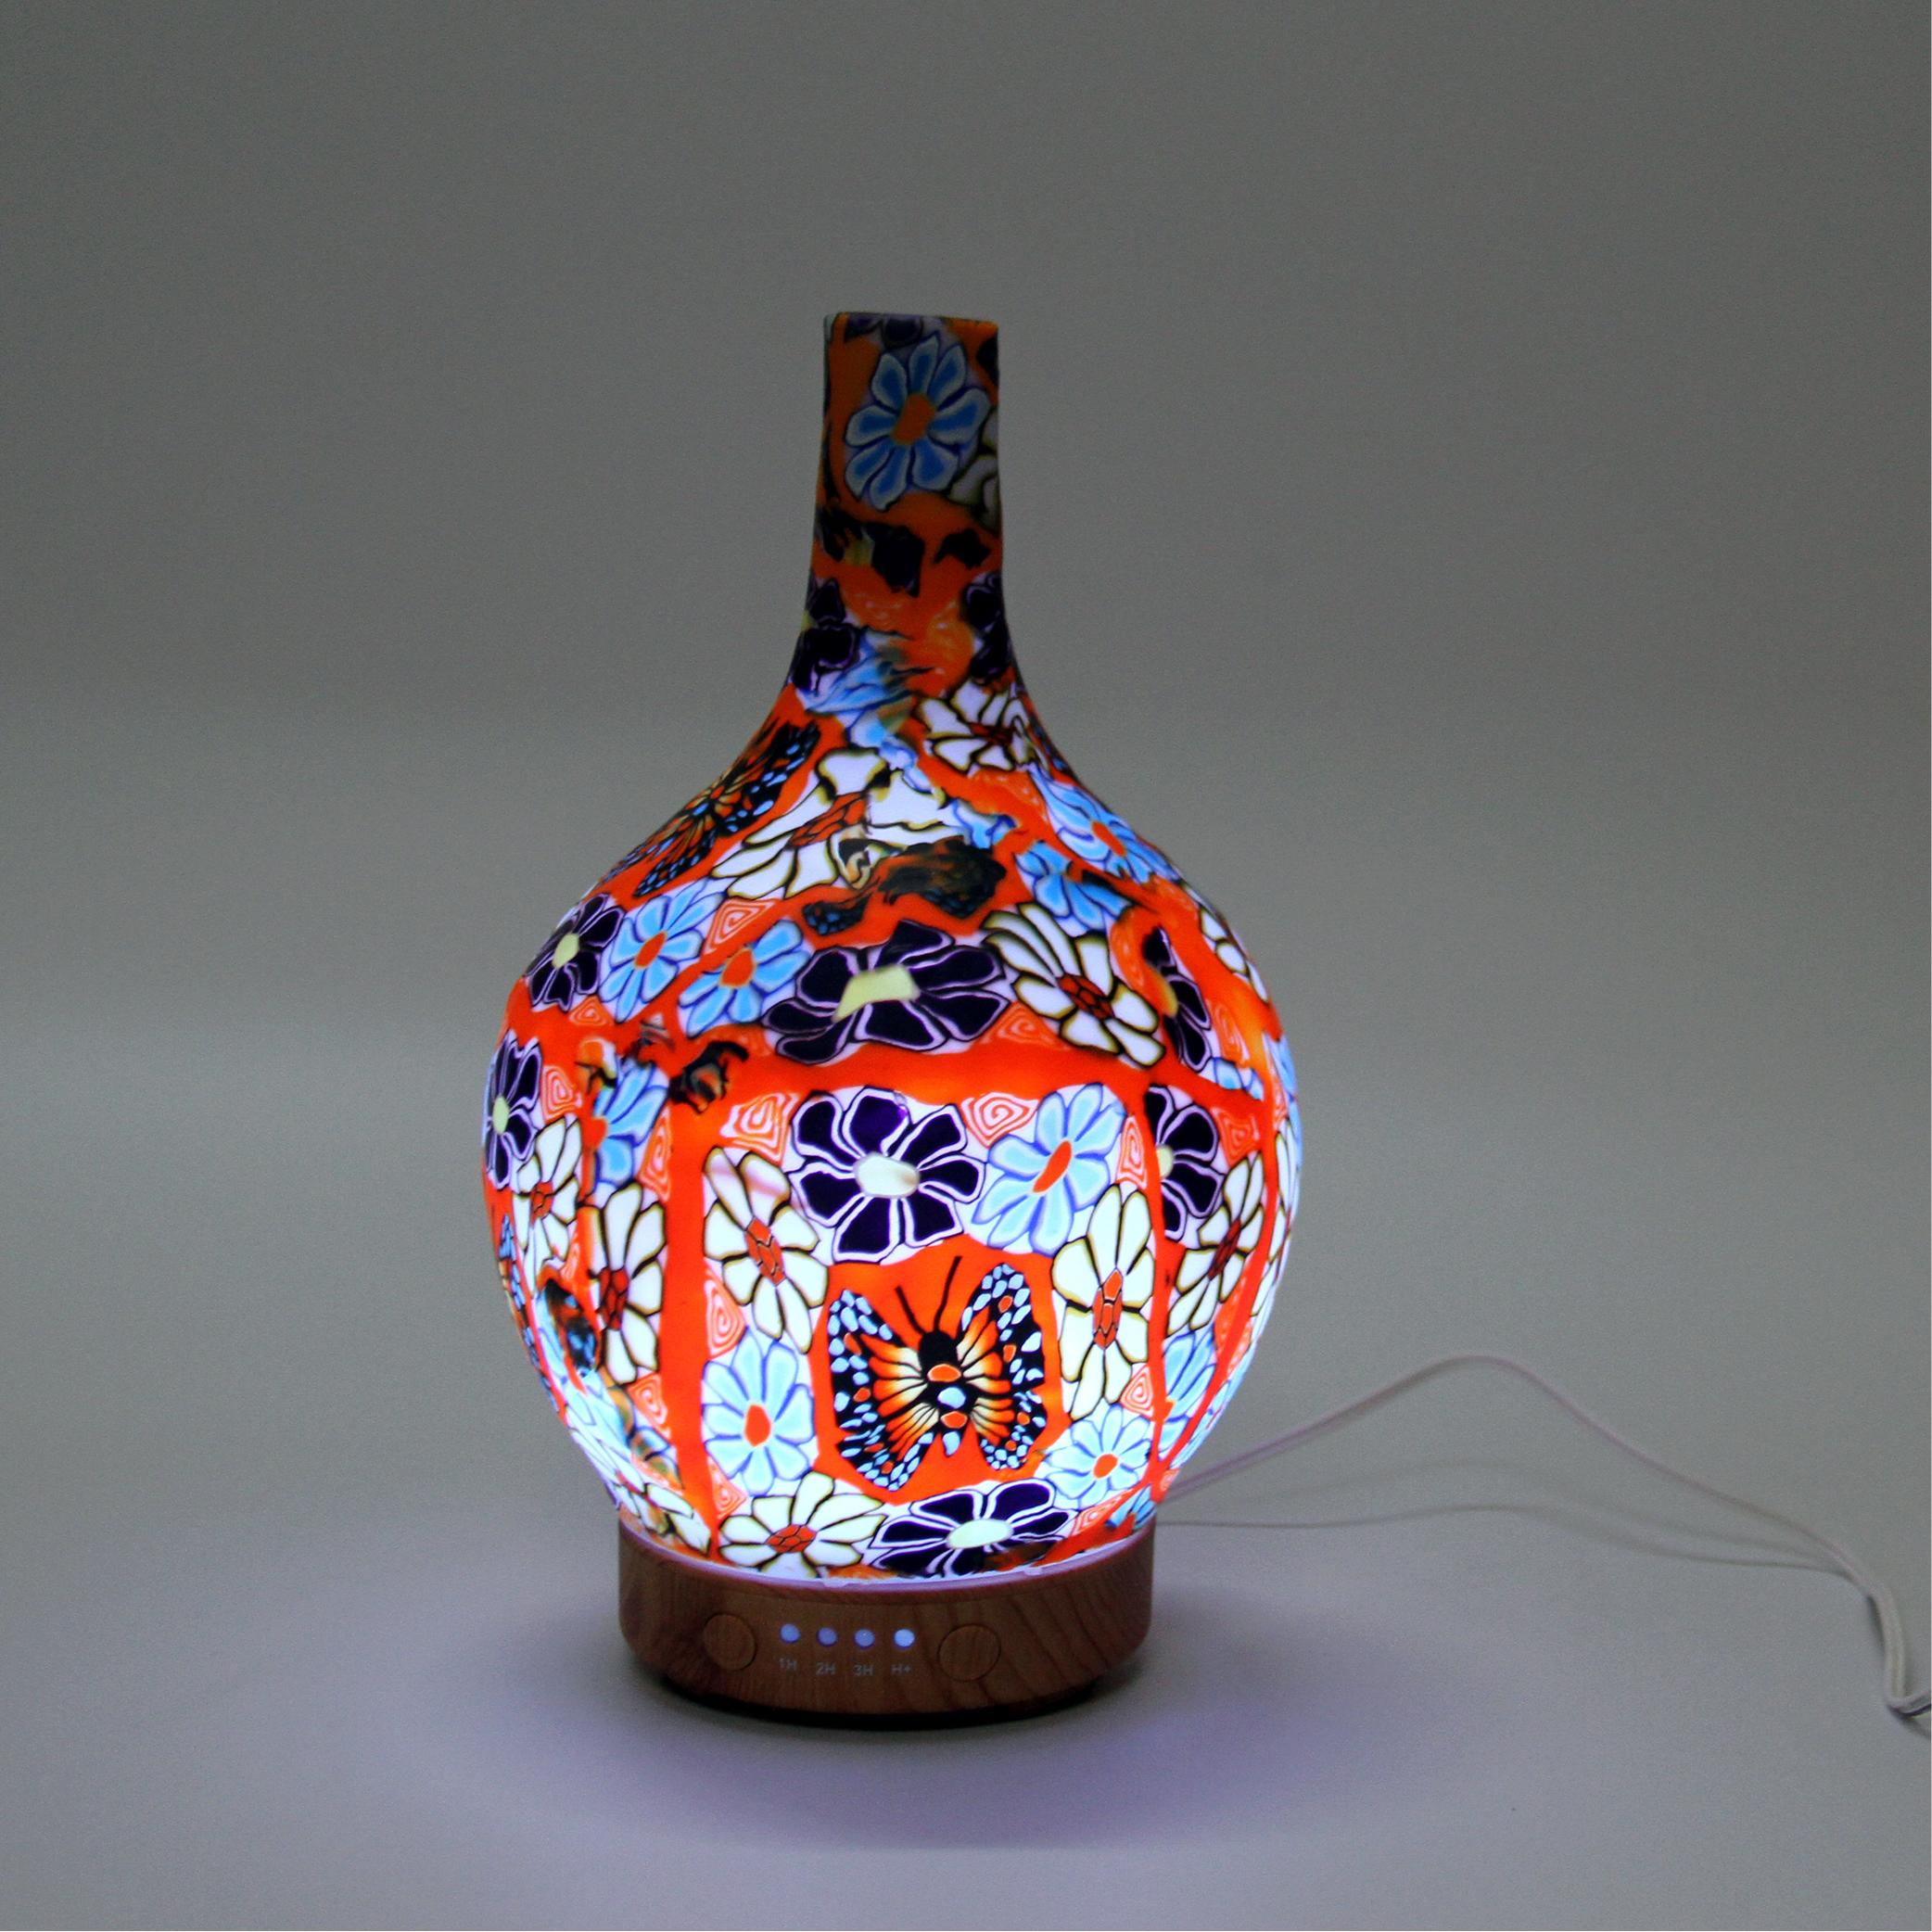 Máy khuếch tán Tinh dầu hình Lọ hoa 3D